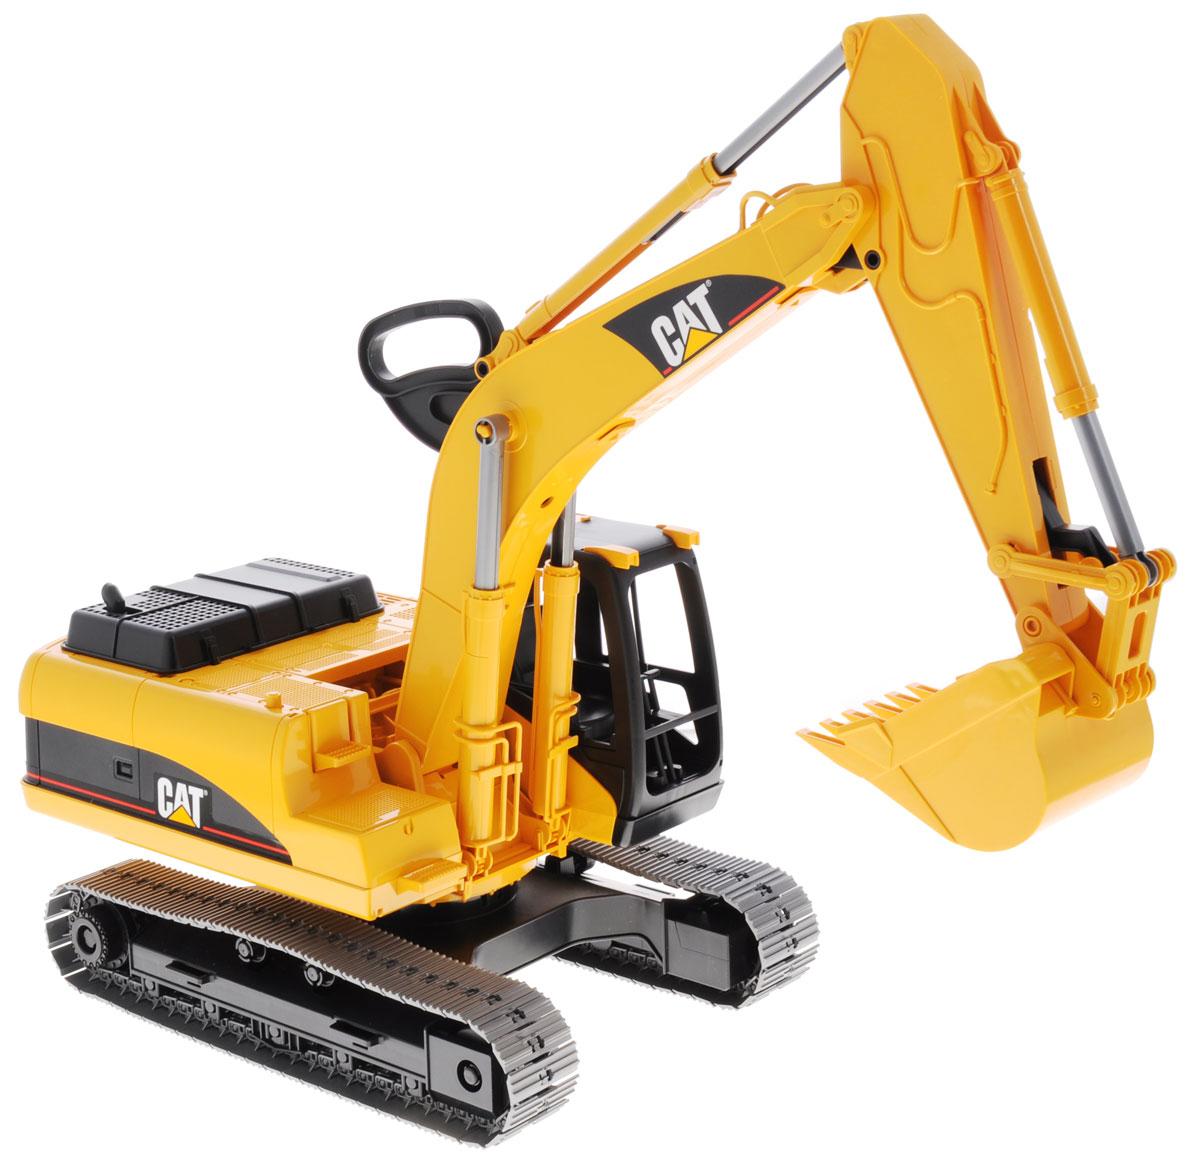 """Гусеничный экскаватор Bruder """"Cat"""", выполненный из прочного и безопасного материала, обязательно понравится каждому мальчику и займет его увлекательной игрой. Машина является уменьшенной копией экскаватора фирмы Cat. Экскаватор оснащен большим ковшом, с помощью которого можно перемещать материалы (камушки, песок, веточки и др.), убирать строительный мусор или расчищать площадку. Мощный экскаватор за считанные минуты справляется с большой глыбой песка. Экскаватором легко копать, держась за ручку на его стреле. Две опоры обеспечивают устойчивое положение. Можно заменить навесное оборудование экскаватора. Крышка моторного отсека поднимается, открывая тем самым доступ к двигателю. В незастекленную кабину машины легко поместится небольшая игрушка. С этим реалистично выполненным экскаватором ваш малыш часами будет занят игрой."""